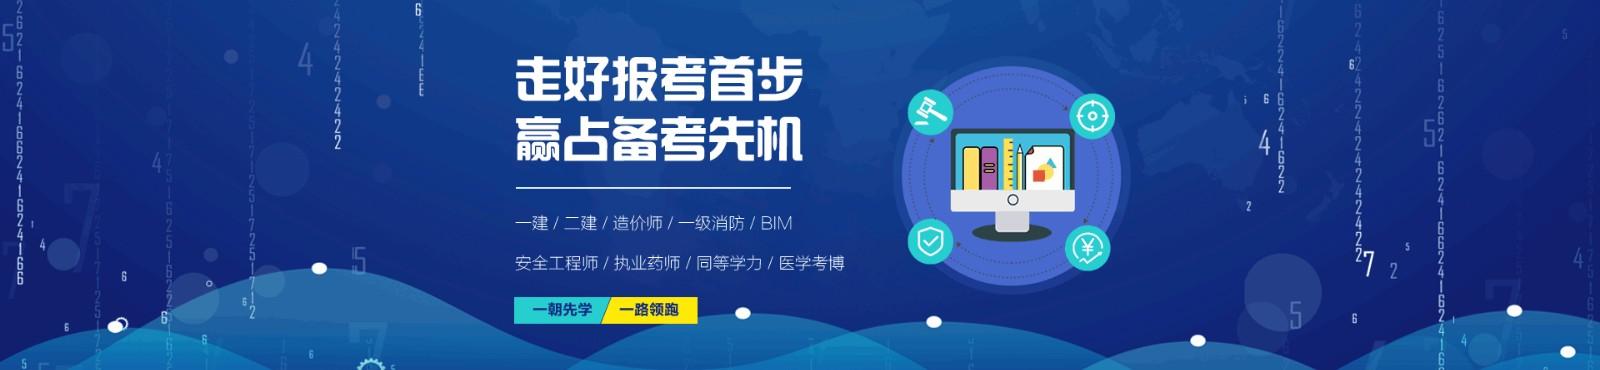 郑州优路教育 横幅广告